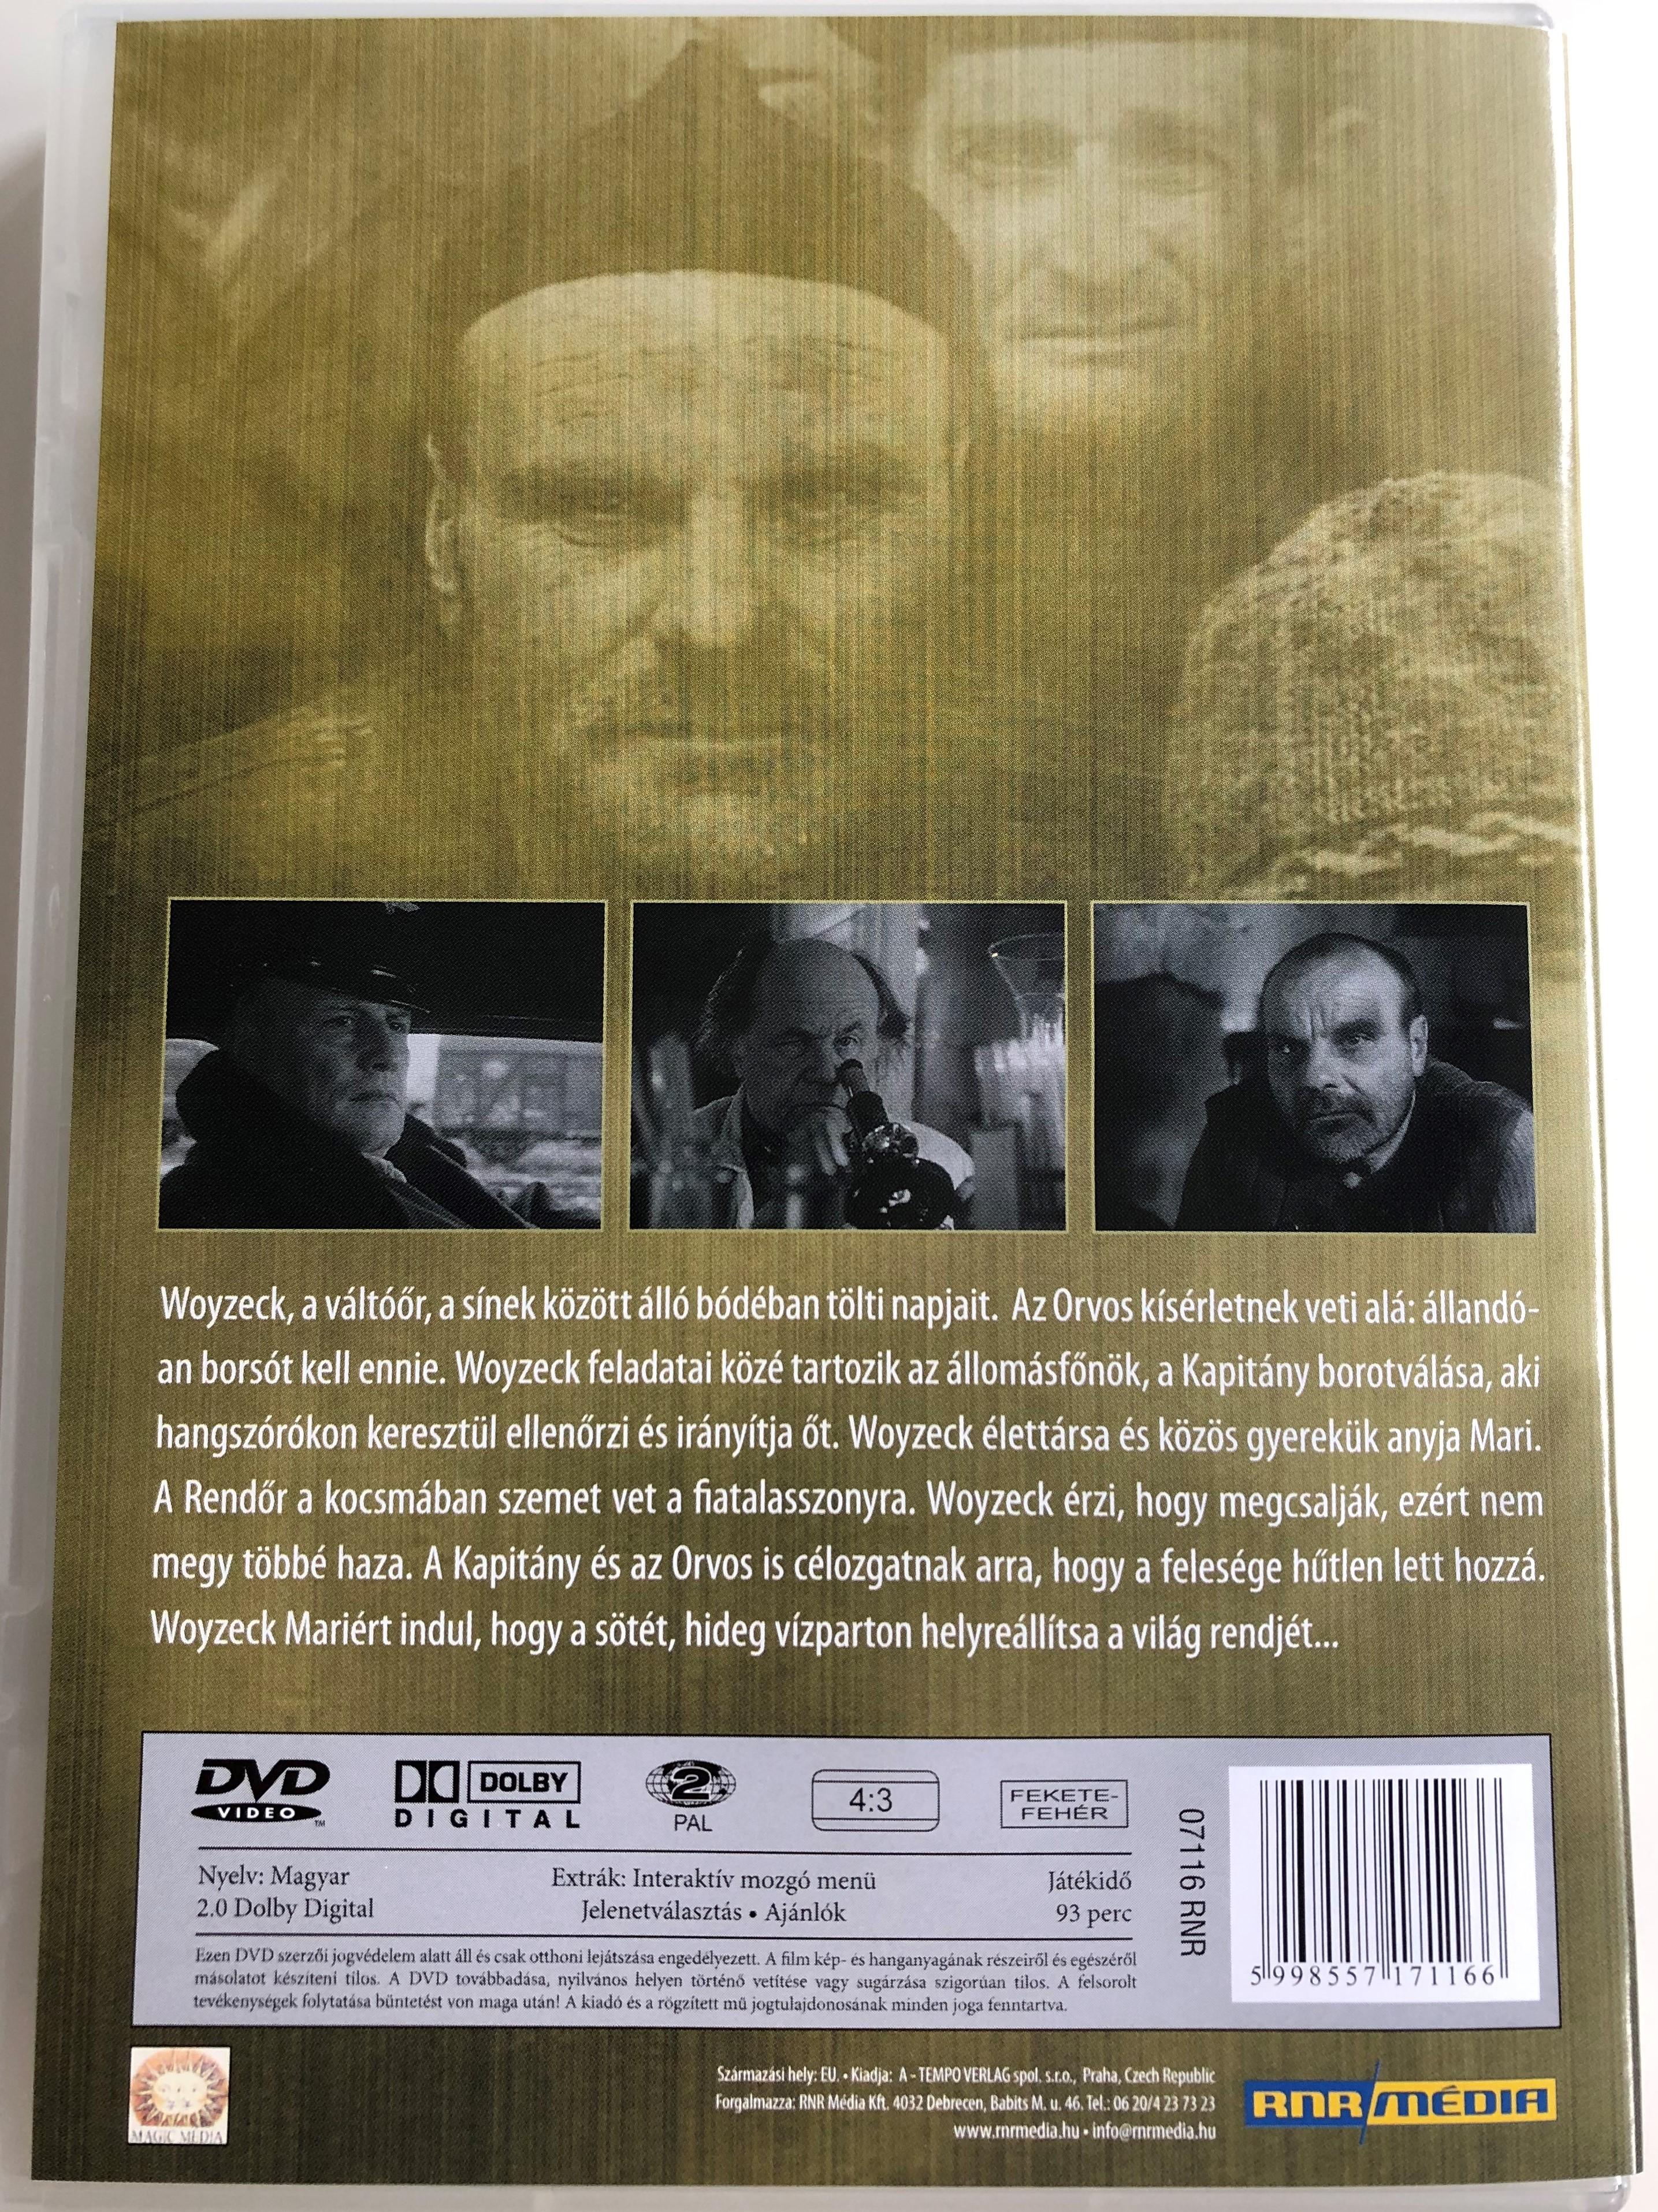 woyzeck-dvd-1994-directed-by-j-nos-sz-sz-2.jpg